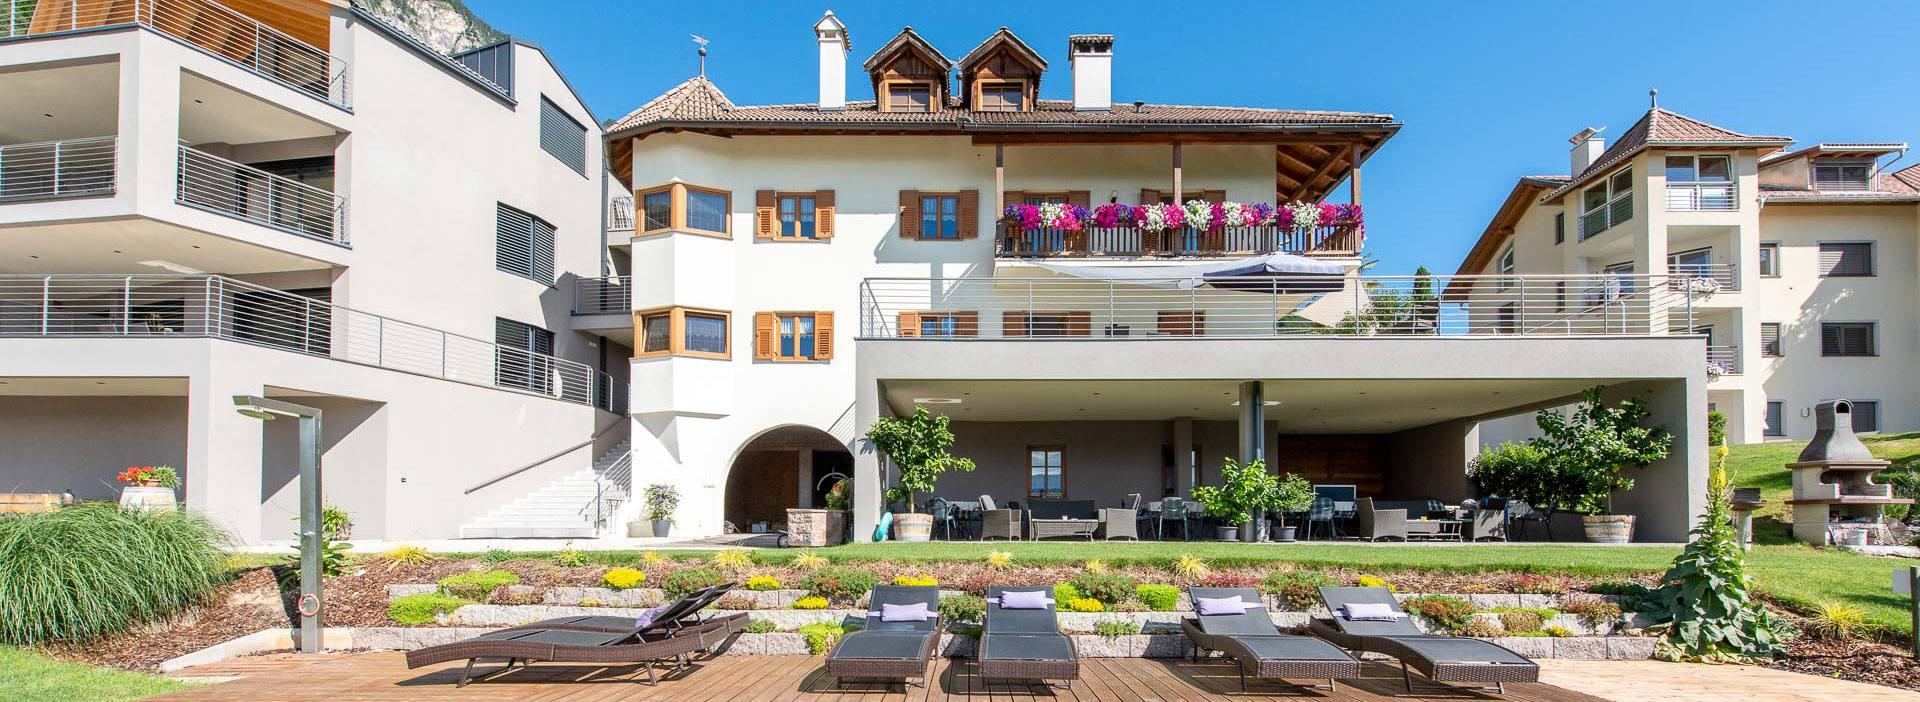 Residence Prunarhof